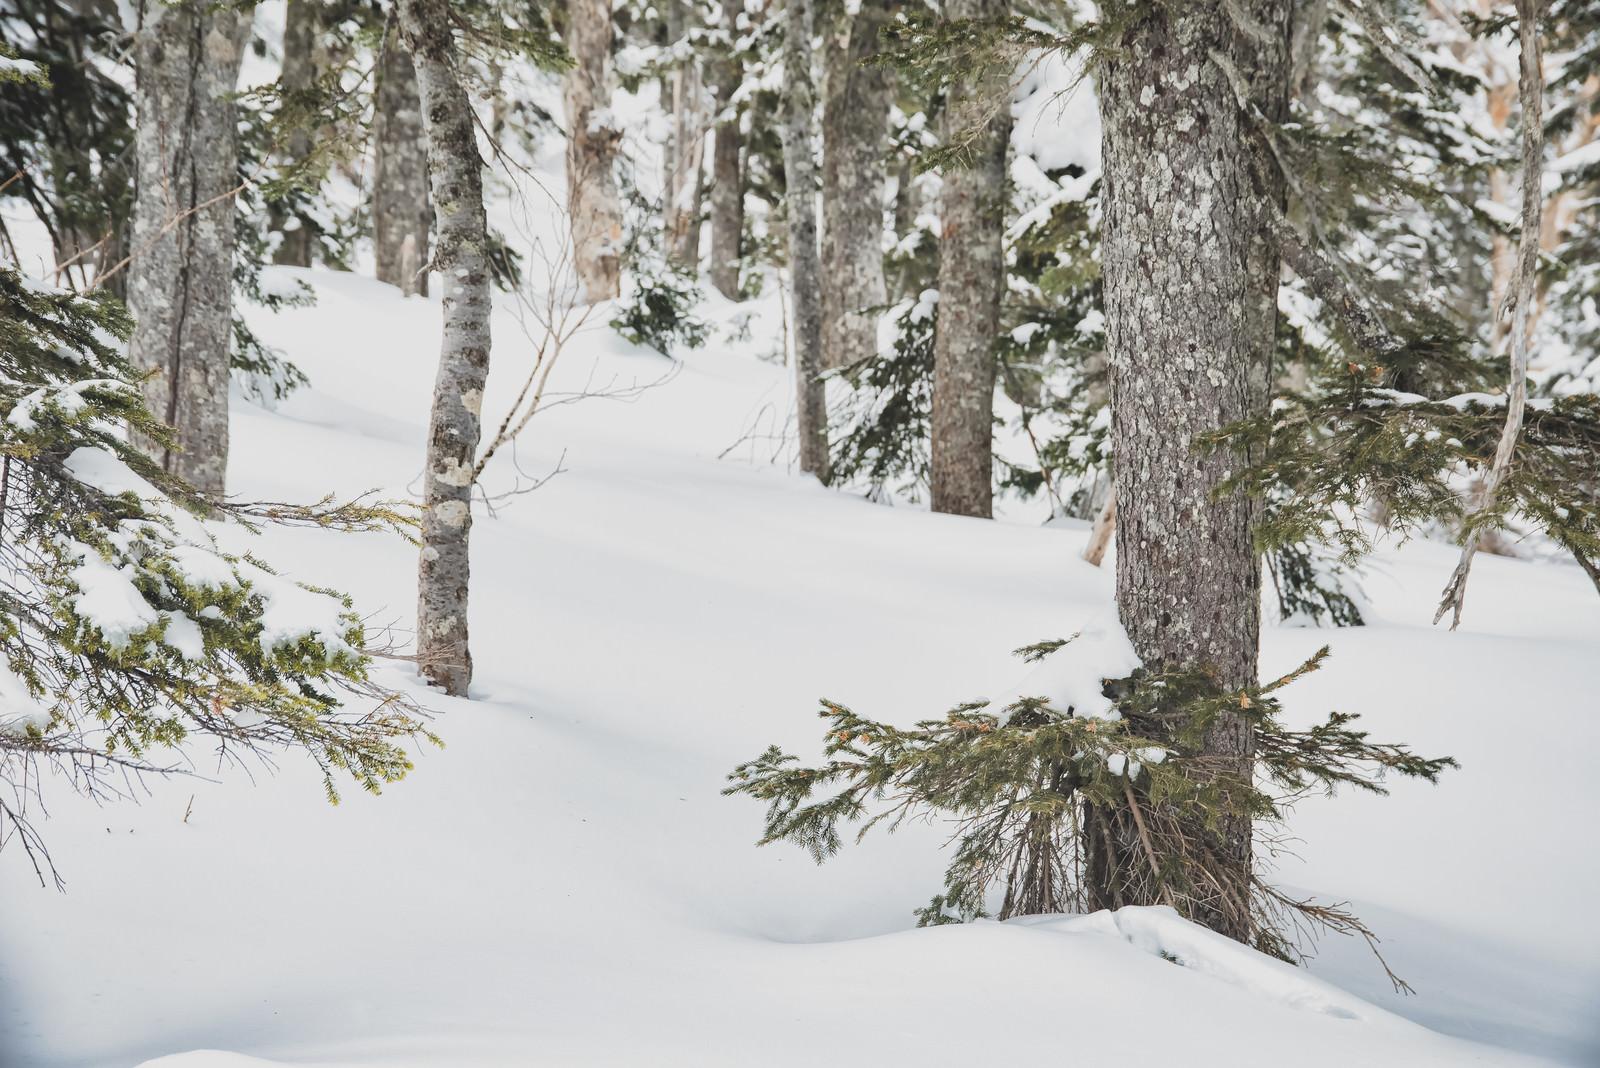 「雪に埋もれた森の木々」の写真